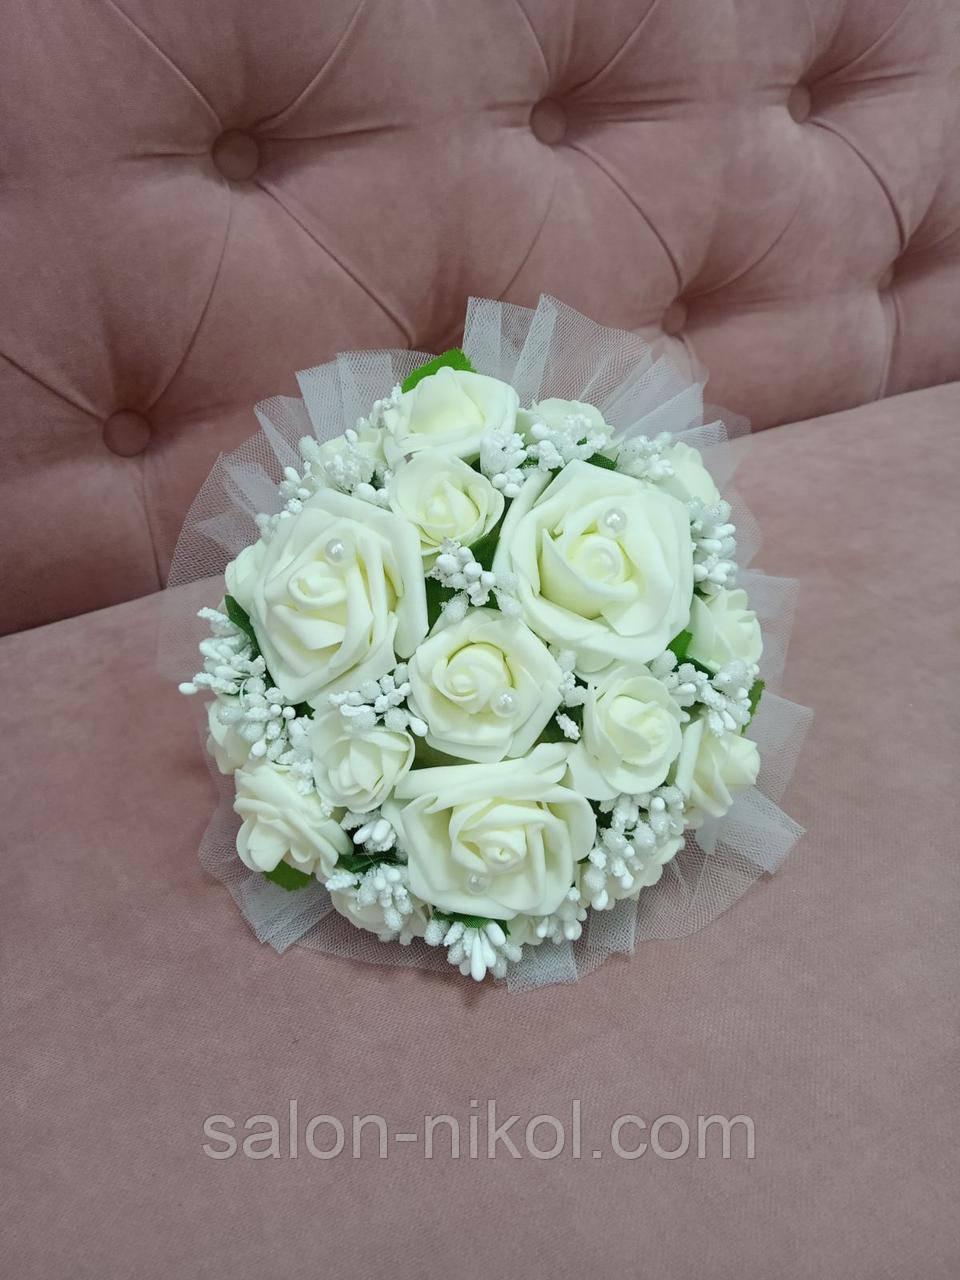 Свадебный букет-дублер для невесты в айвори цвете